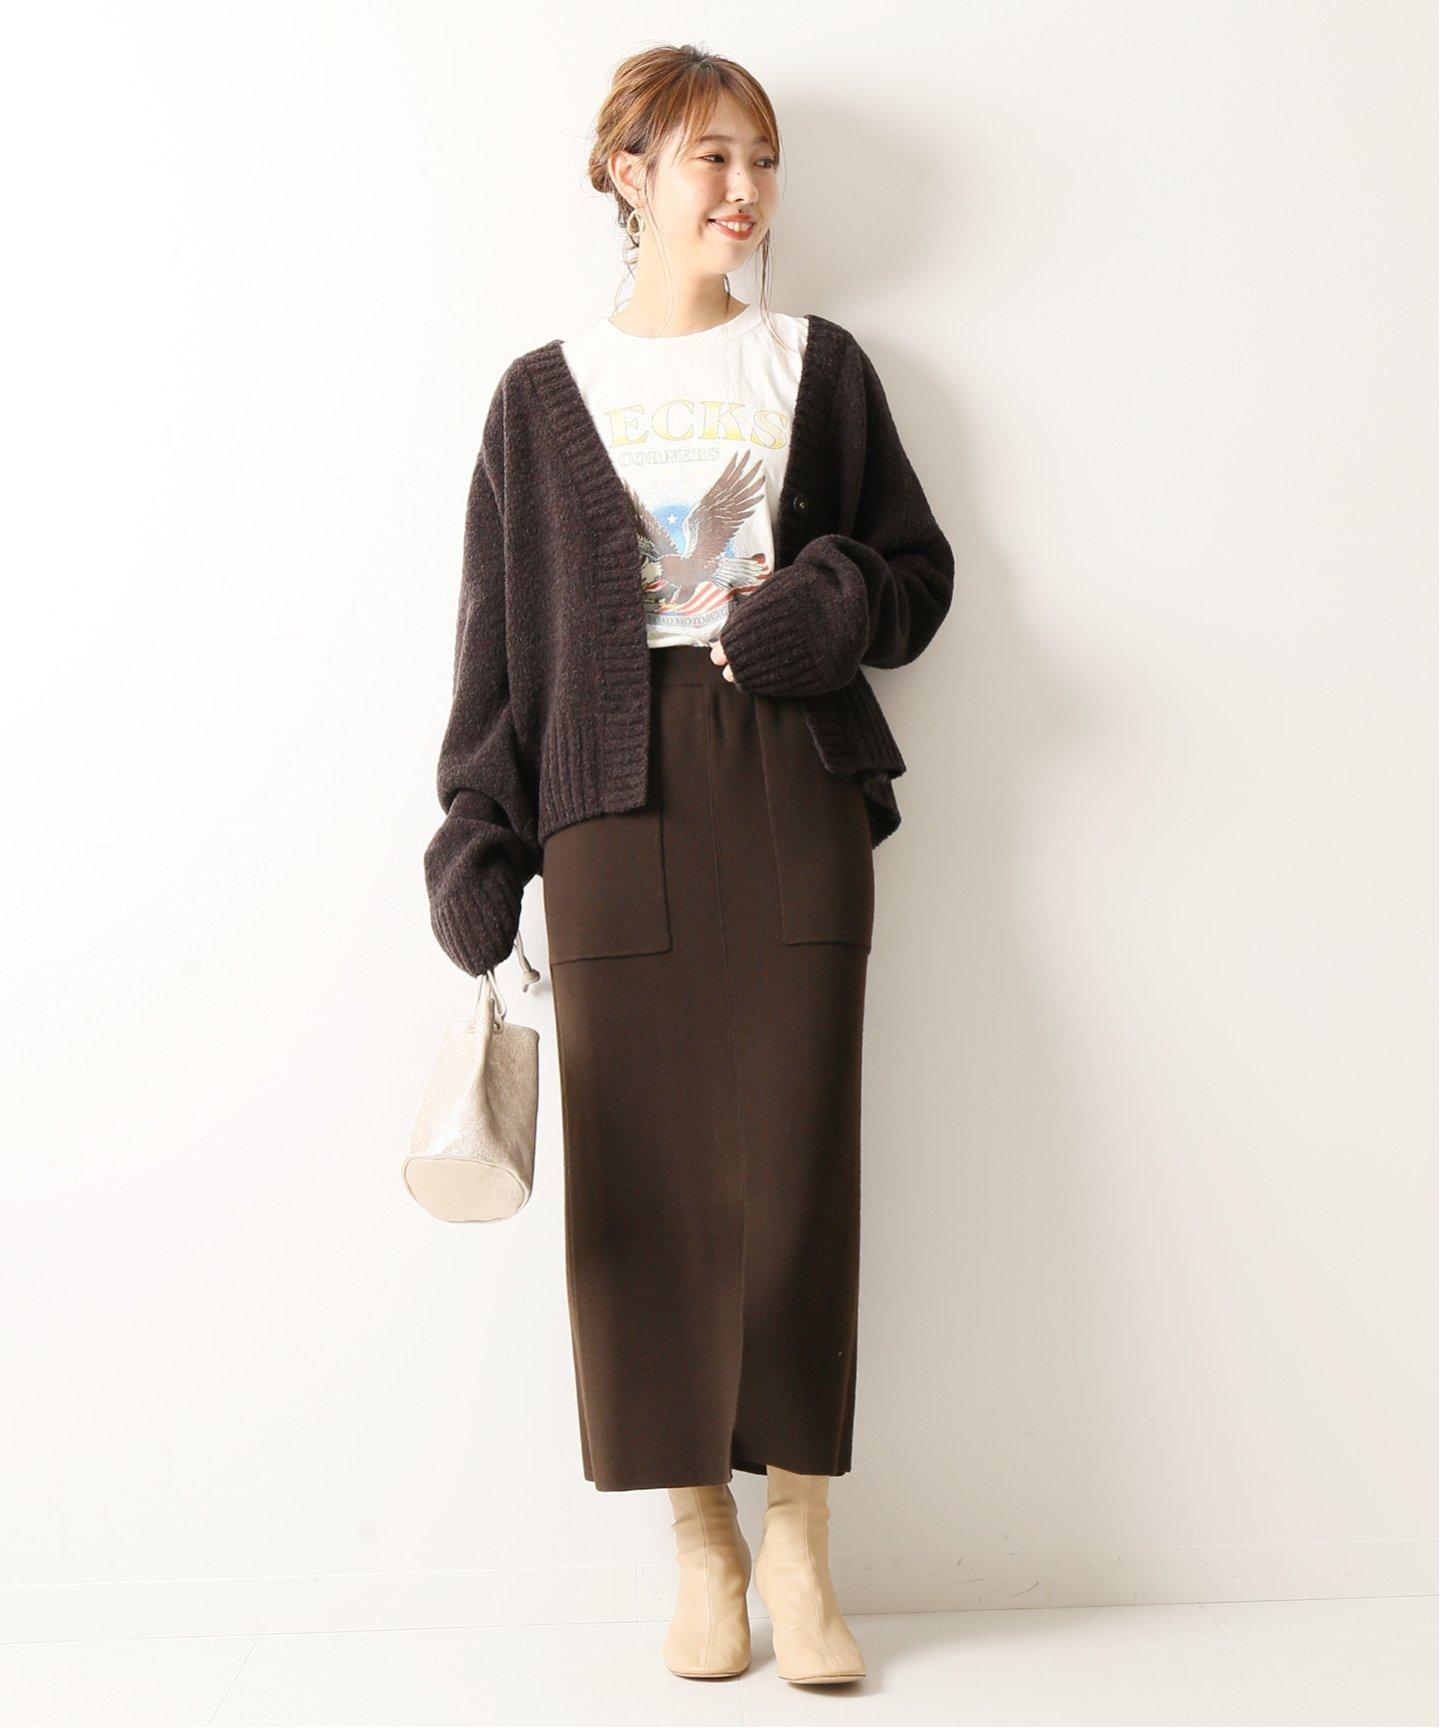 簡約的造型一不小心就容易讓衣著看起來比較成熟